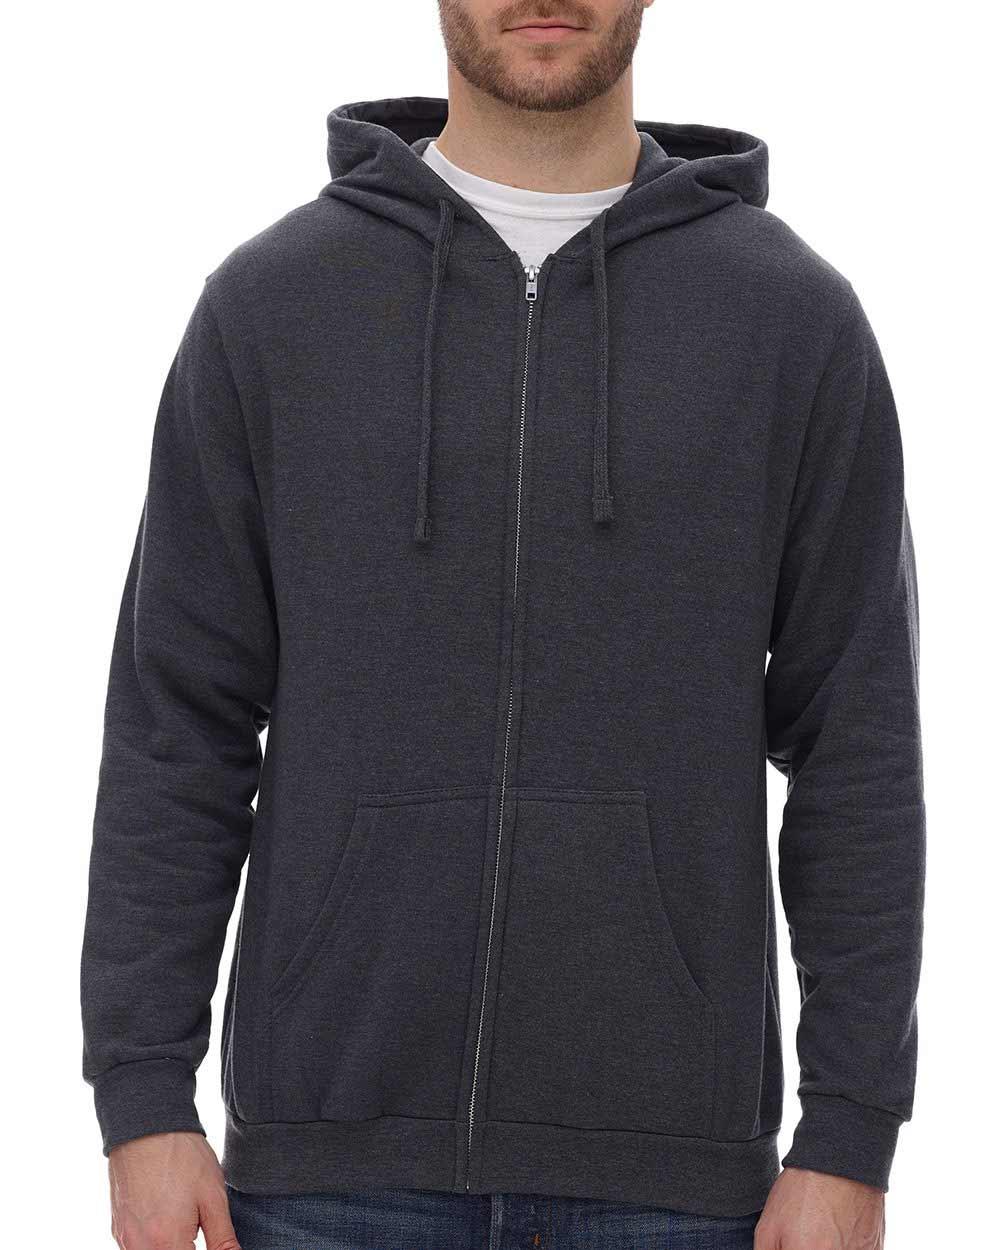 M&O Knits 3331 - Unisex Zipper Fleece Hoodie